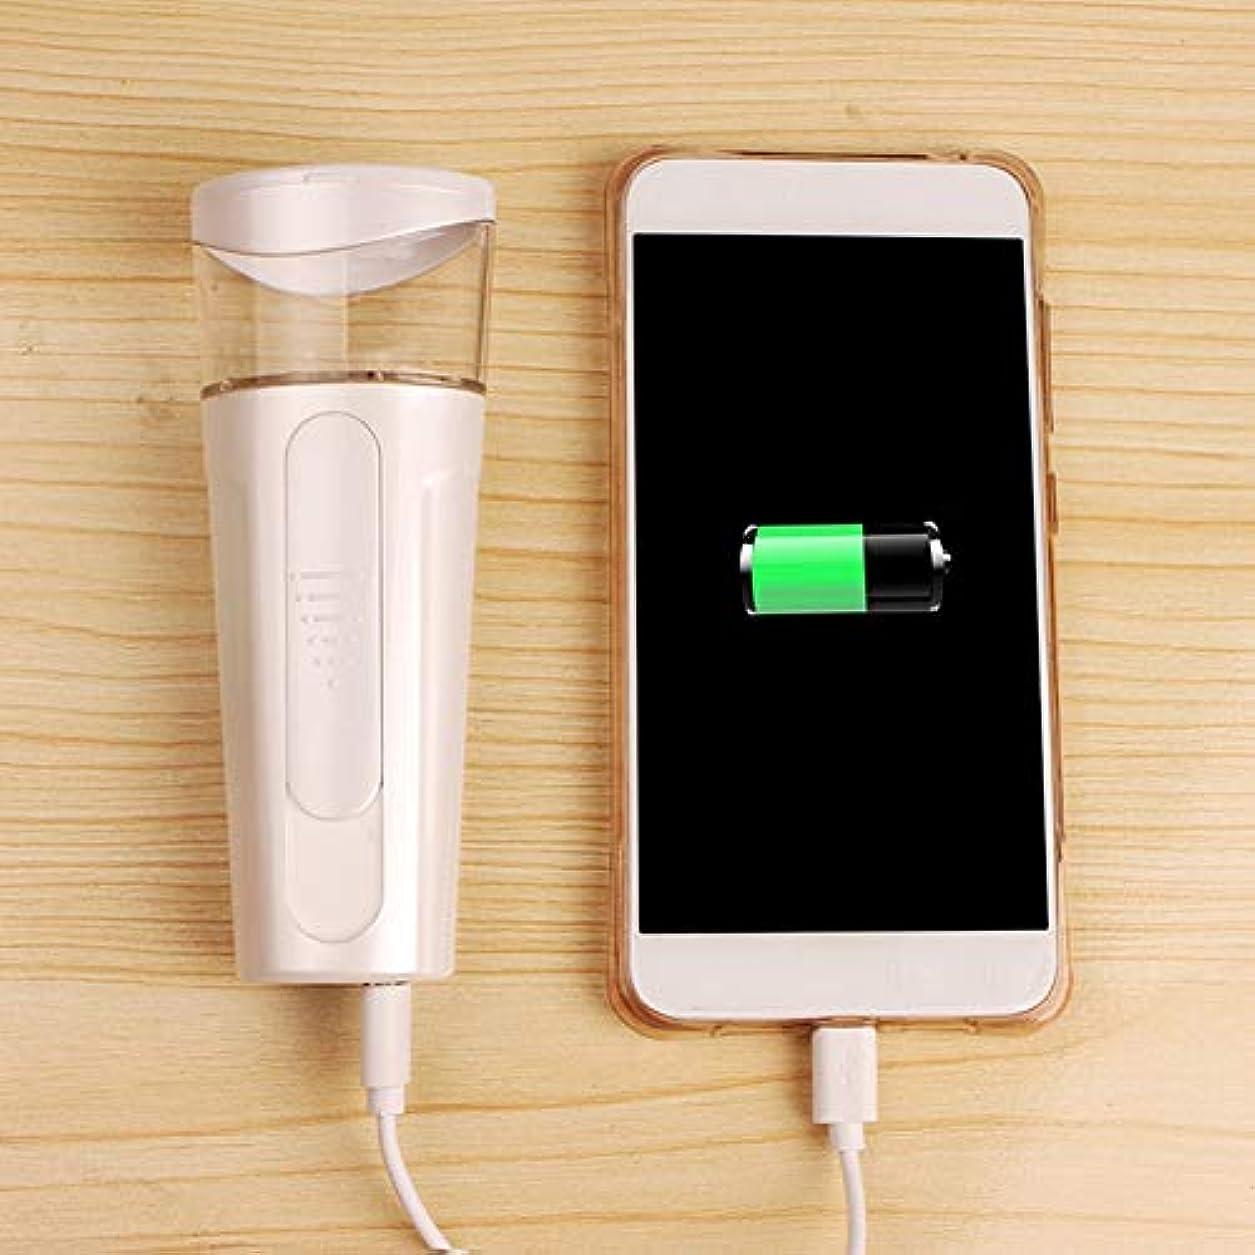 接尾辞望まない決してナノ保湿スプレー ナノイオン フェイシャルスチーム 深い保湿 スキンケア コールドフォグ 化粧鏡 USB充電 モバイルバッテリー (Color : White)